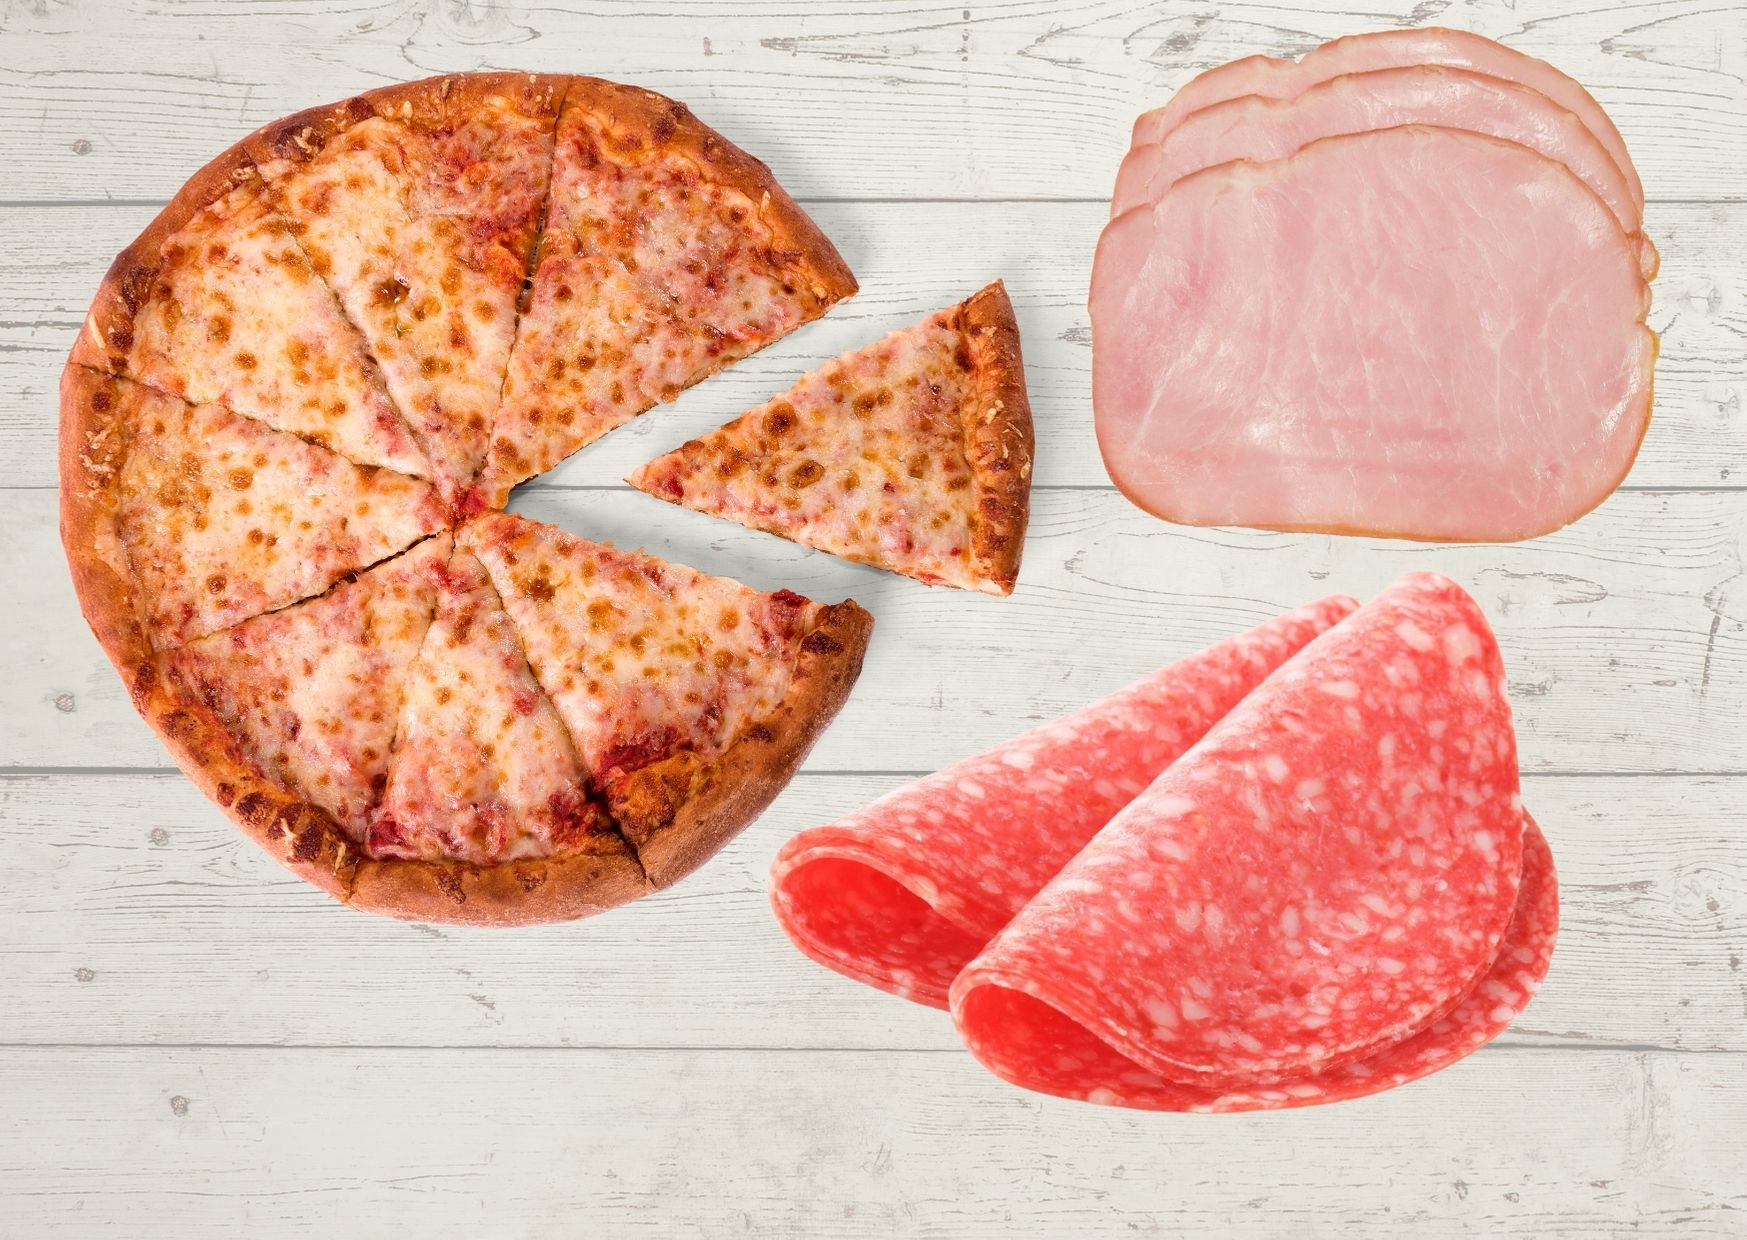 Pizza con mucho jamón y salame además de queso y tomates